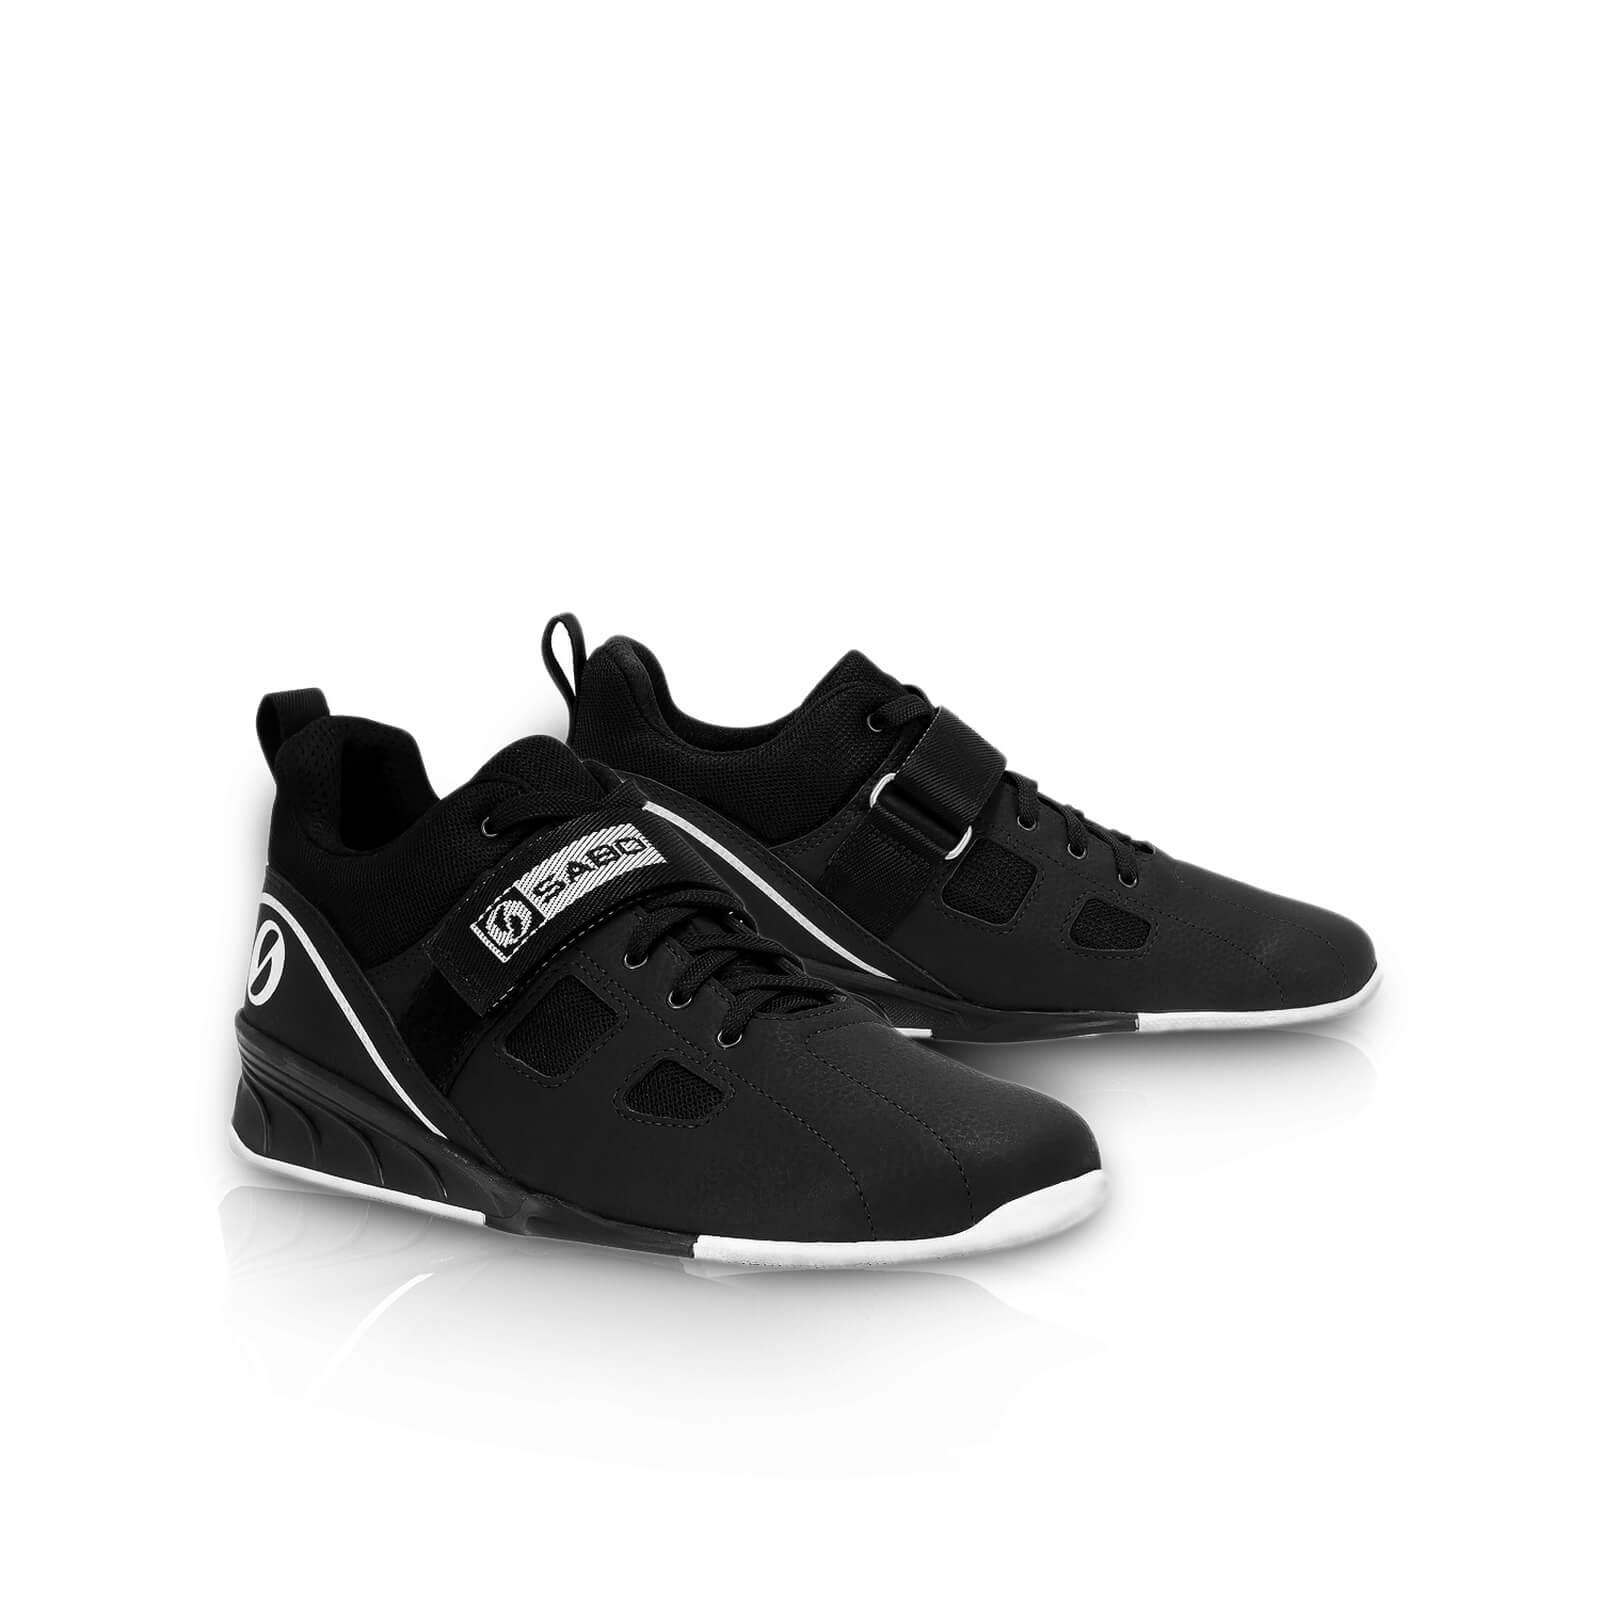 Kjøp SABO Sports Løftesko Weightlift, black, 43 online hos